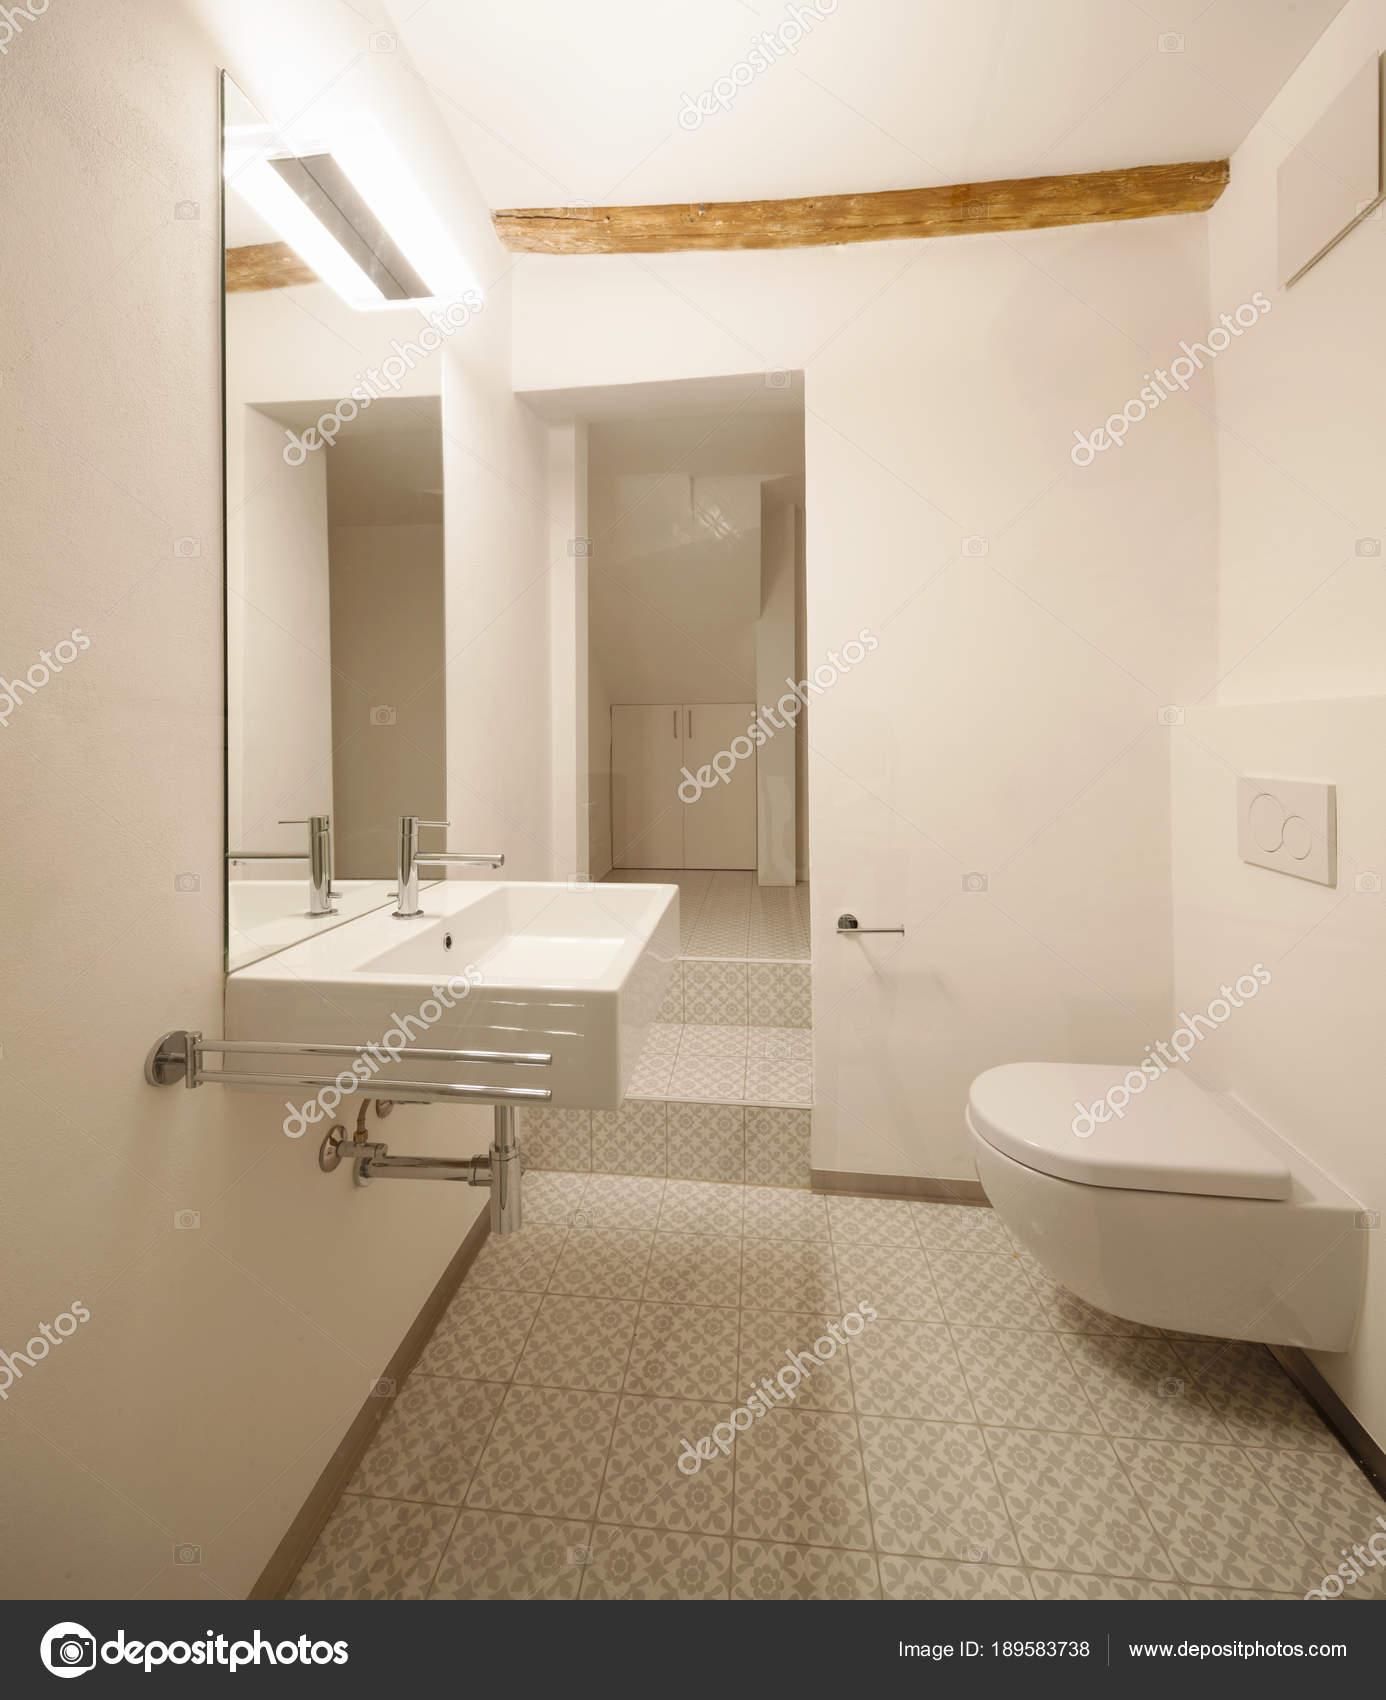 Modernes Bad mit Fliesen — Stockfoto © Zveiger #189583738